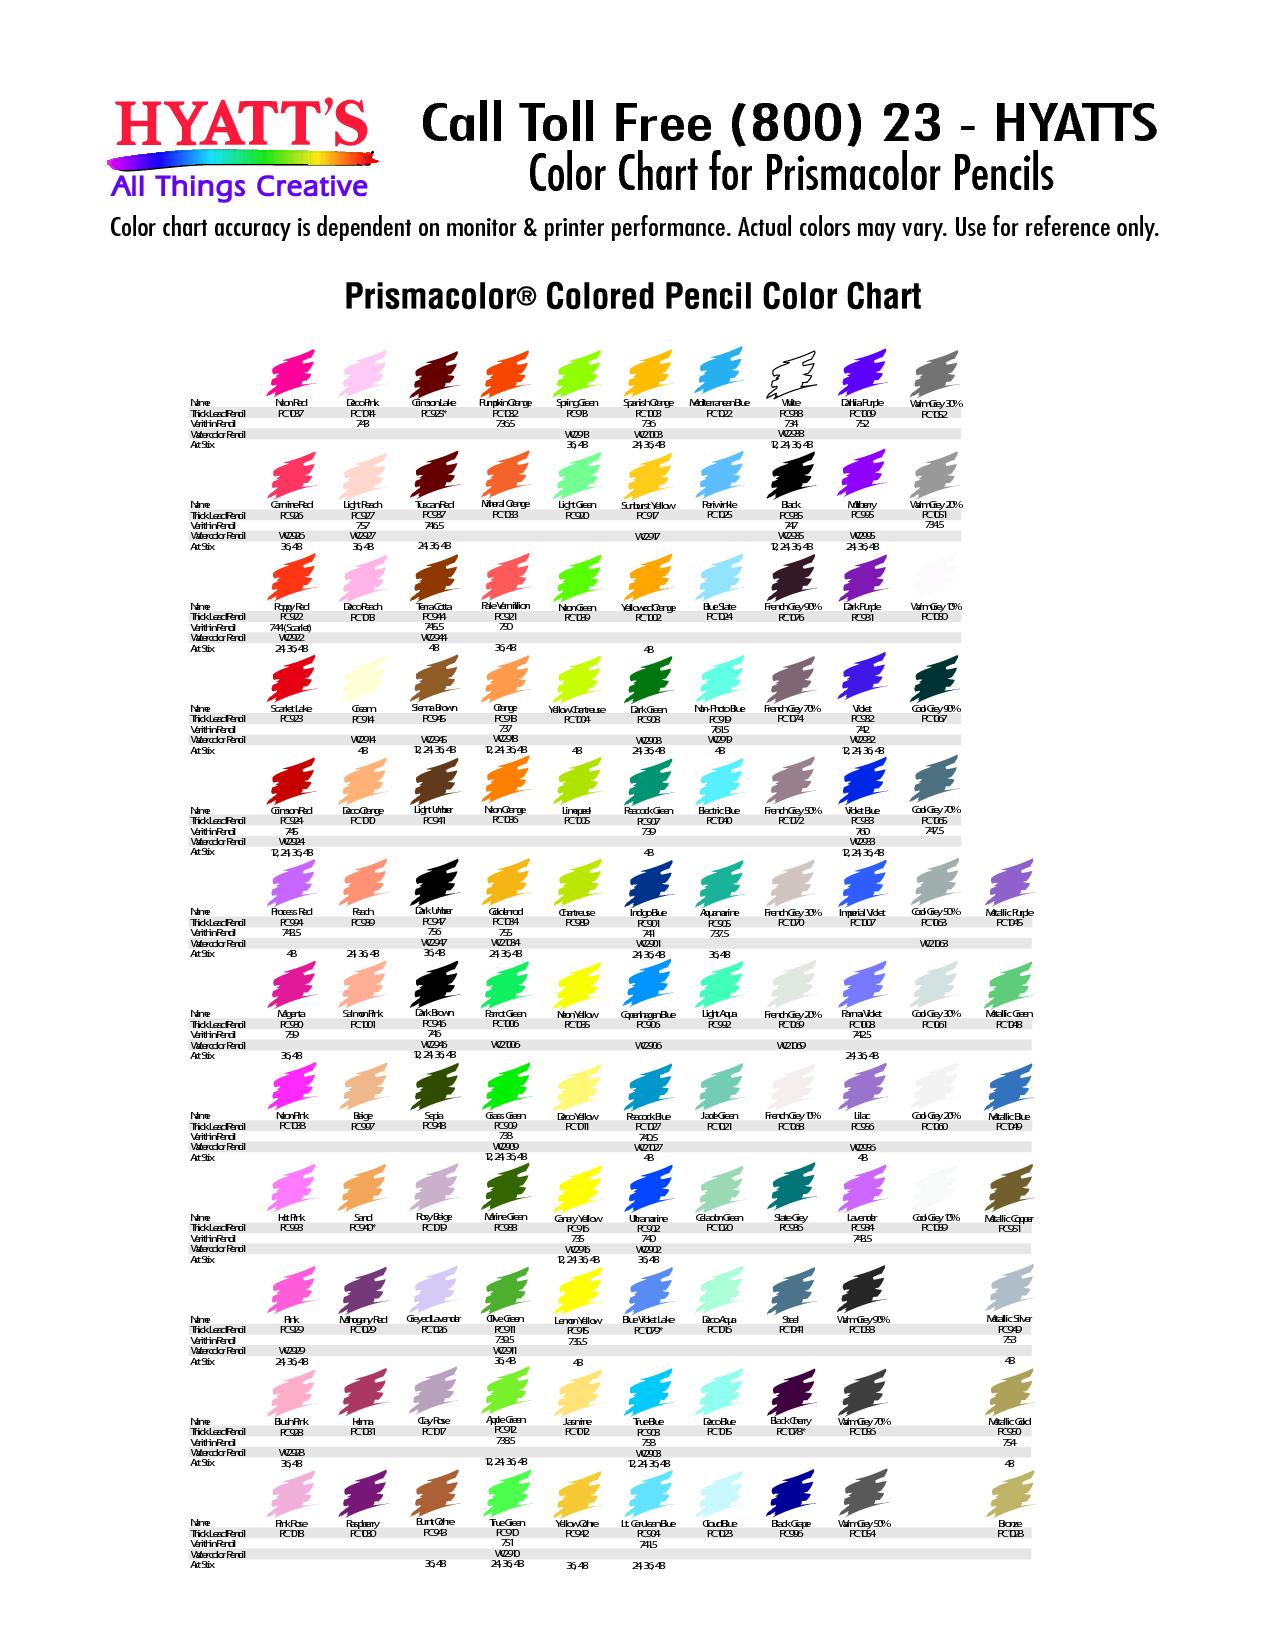 Prismacolor pencils colors by families prismacolor pencils color prismacolor pencils colors by families prismacolor pencils color chart nvjuhfo Choice Image